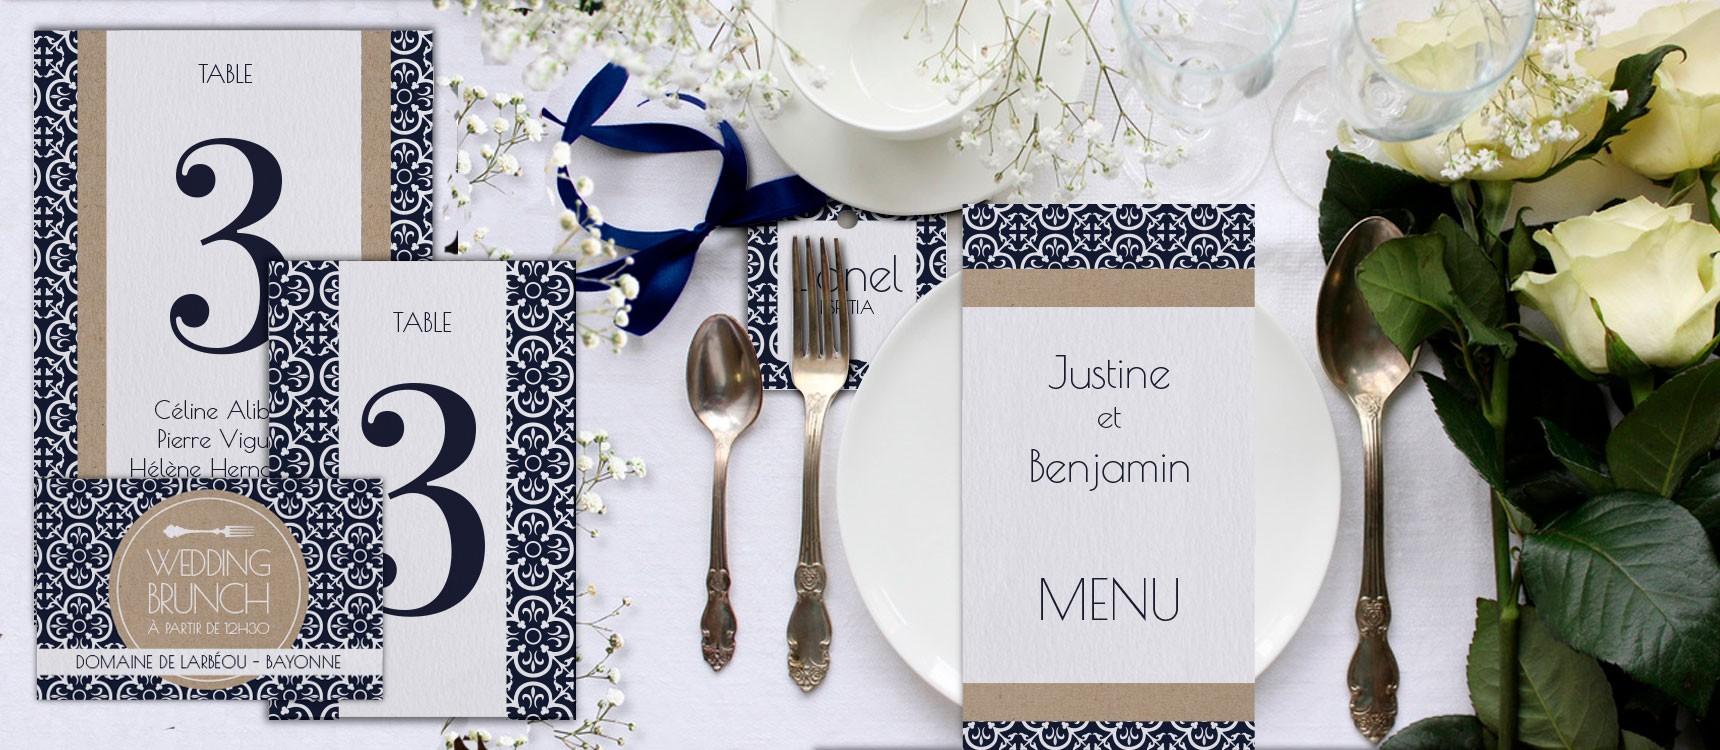 Plan de table Félicie